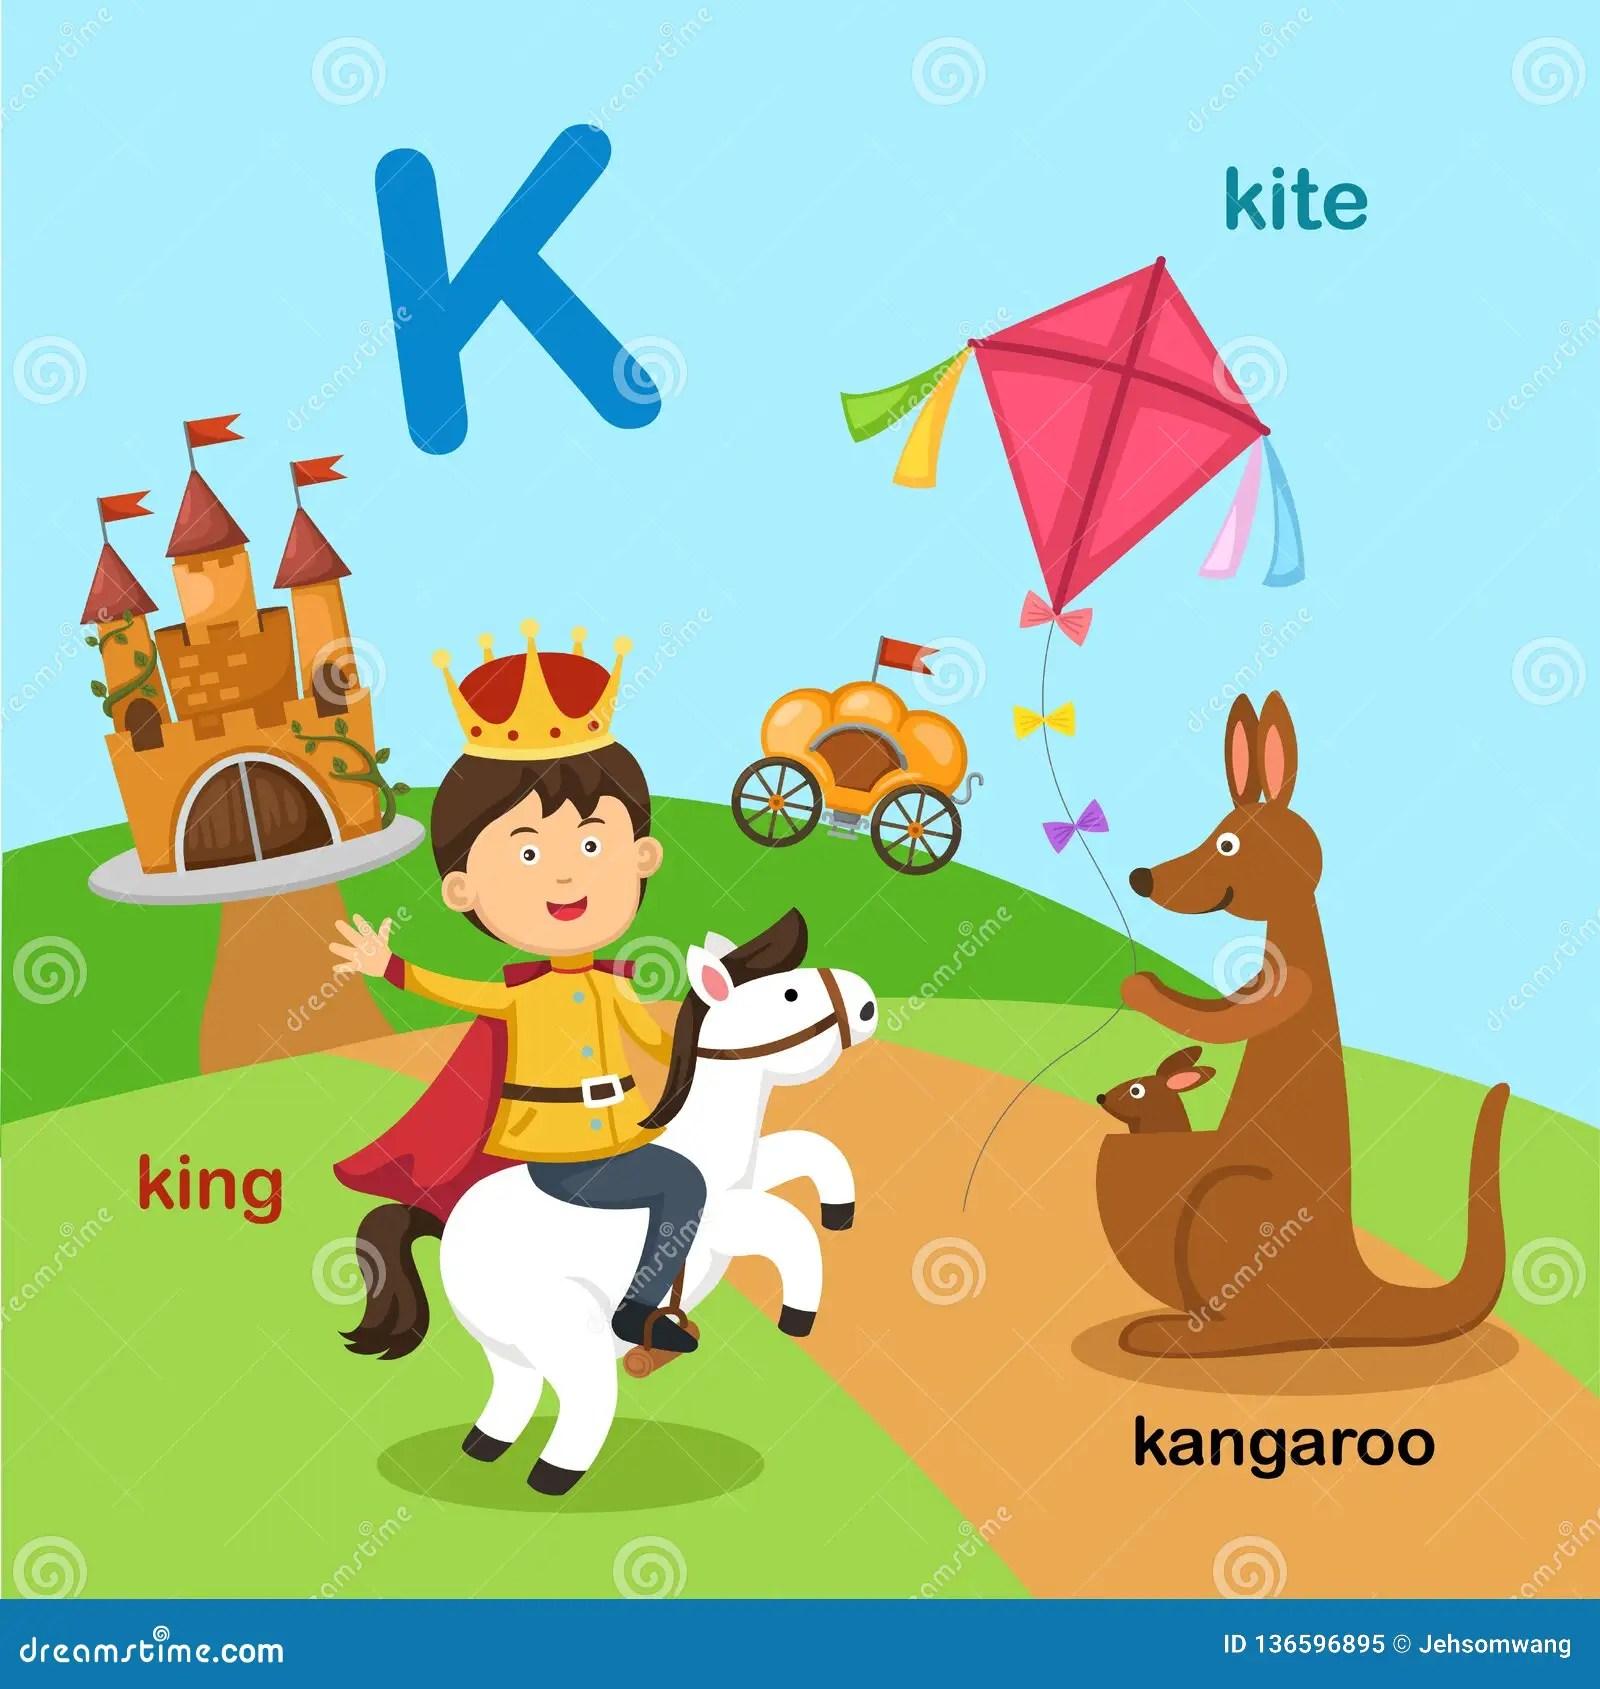 Illustration Isolated Alphabet Letter K Kangaroo King Kite